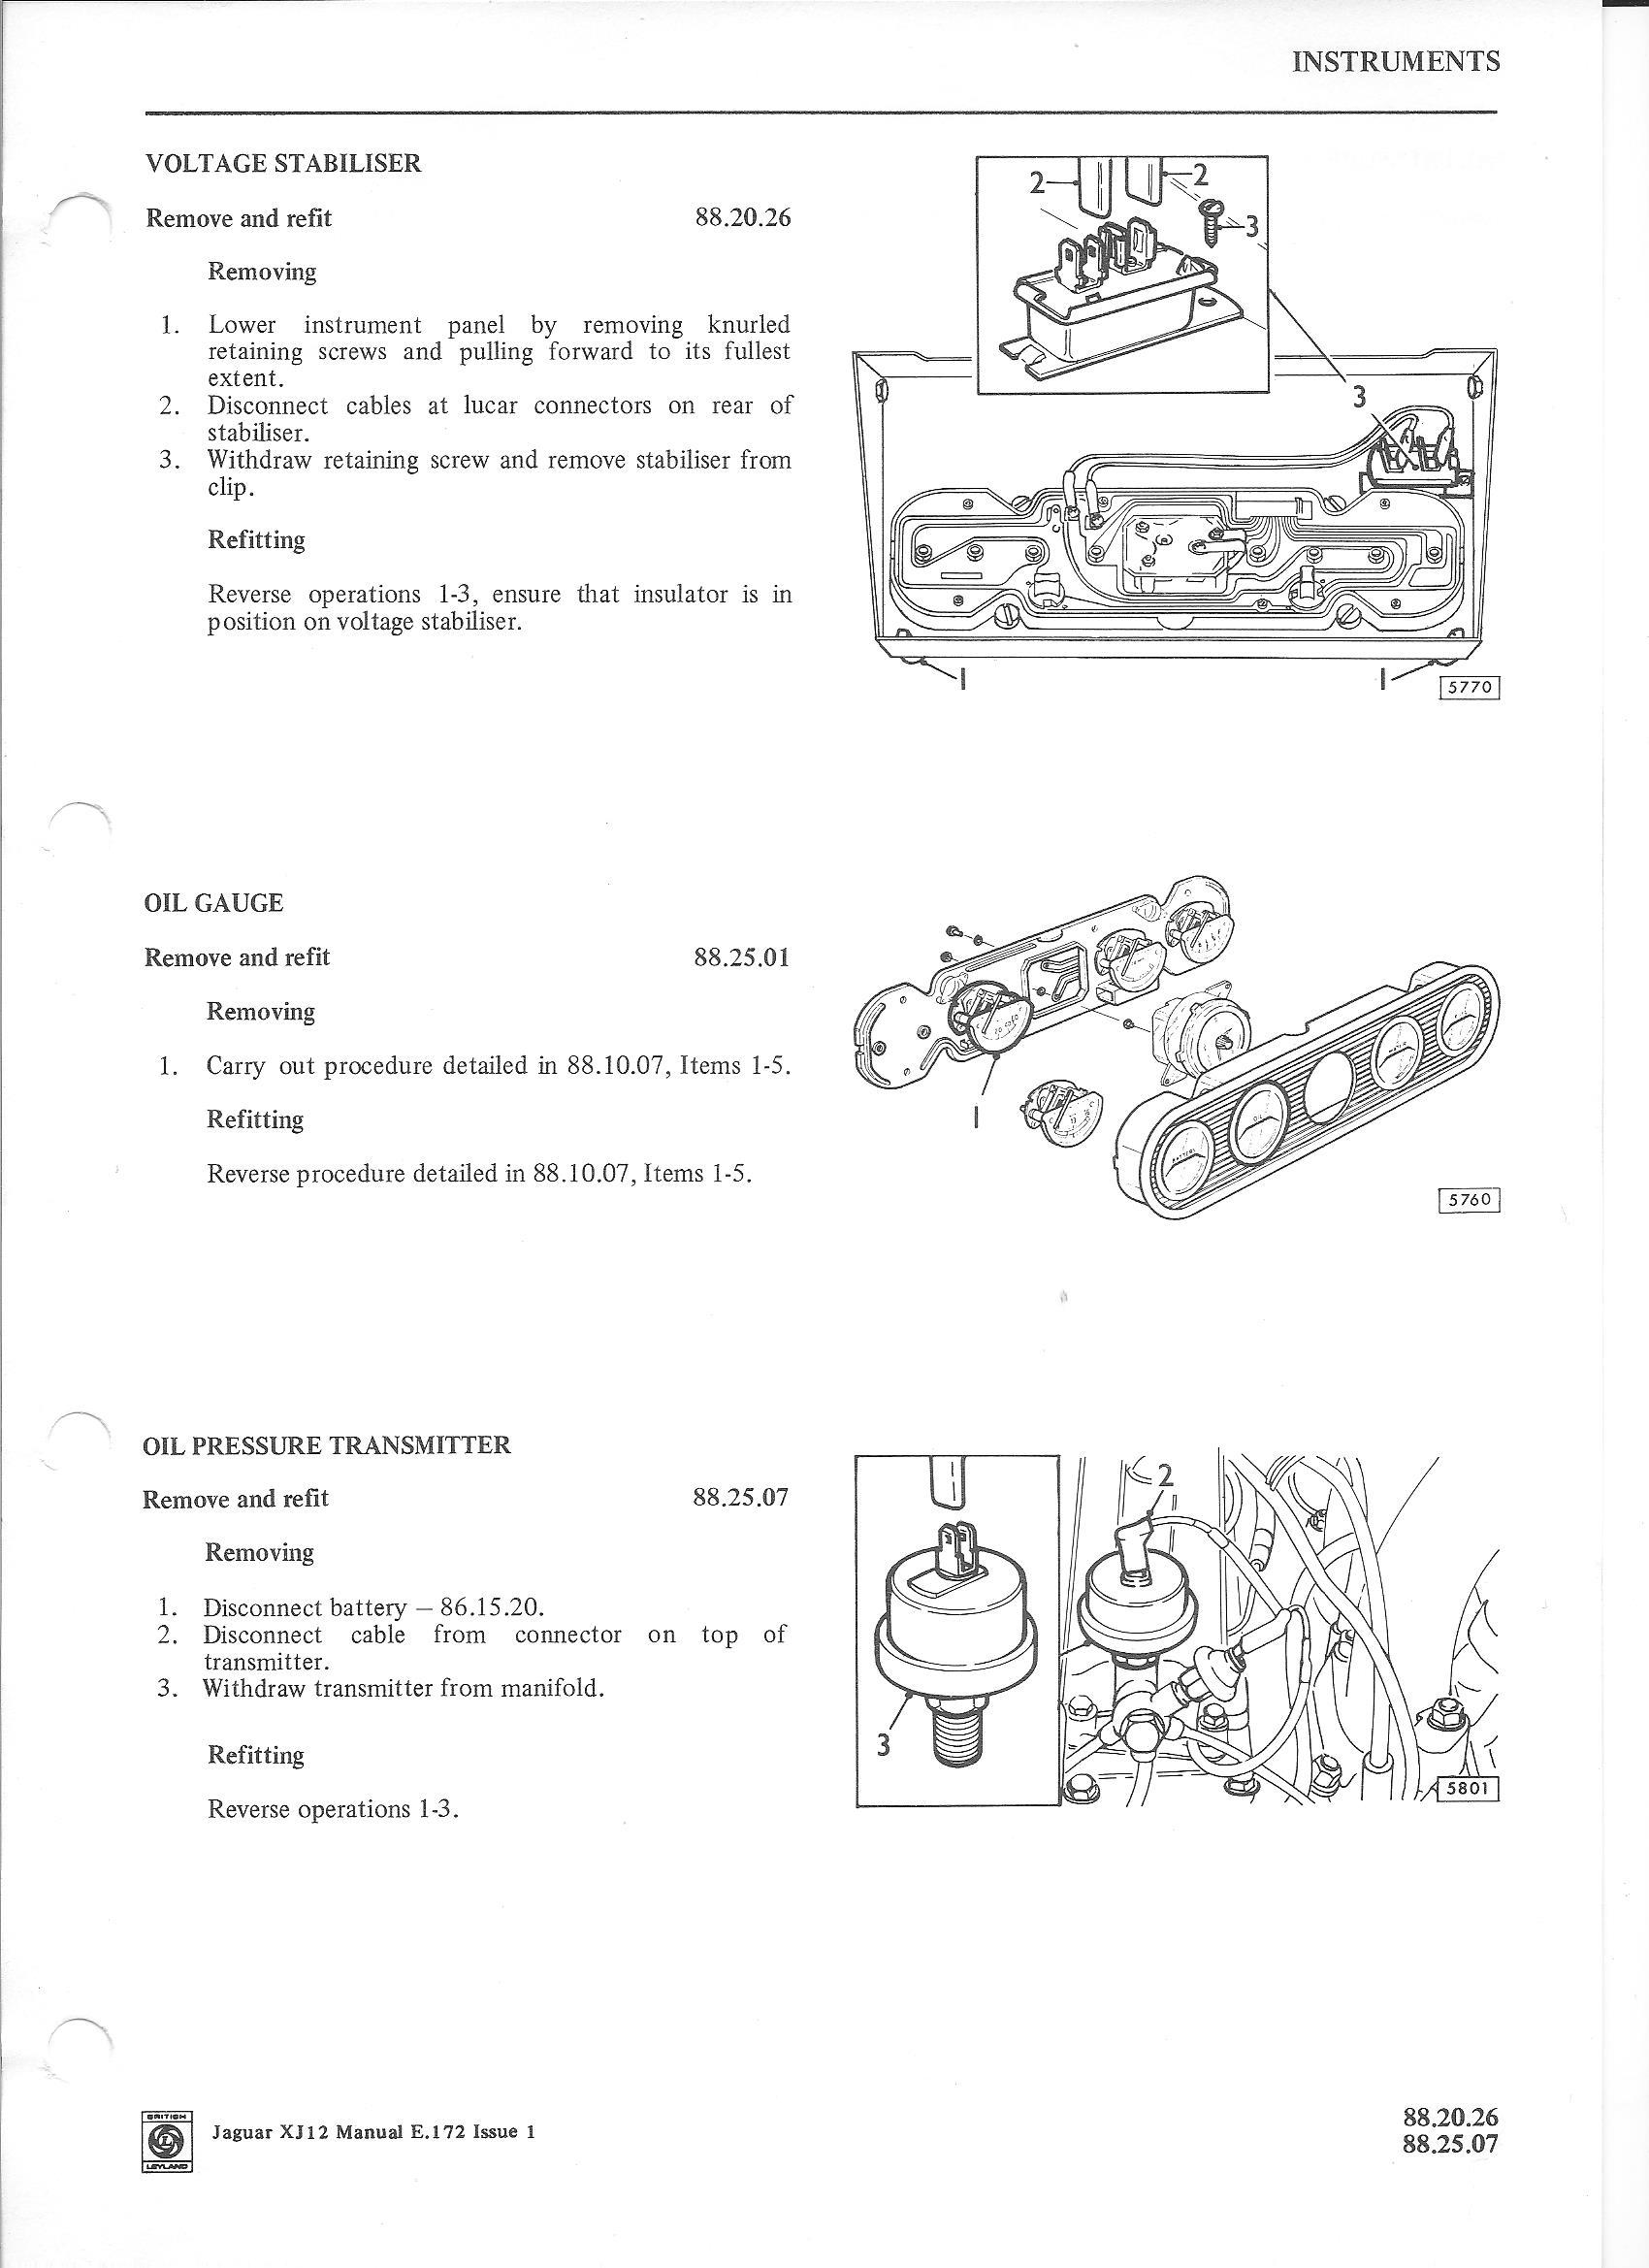 78 Xj6l Voltage Stabilizer - Xj